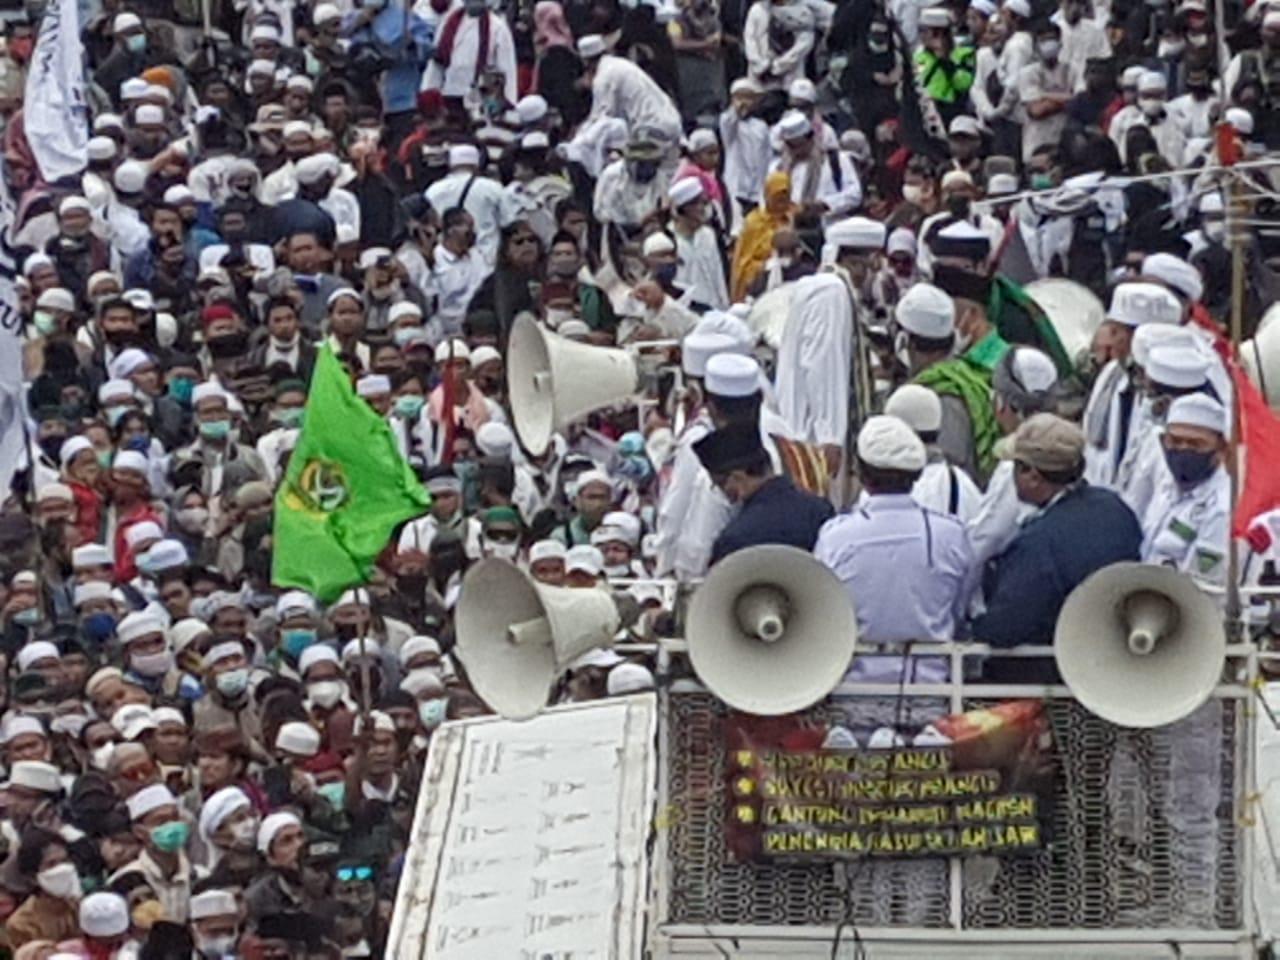 Ribuan Muslim Indonesia, Gelar Aksi Di Depan Kedubes Prancis Kecam Pernyataan Macron